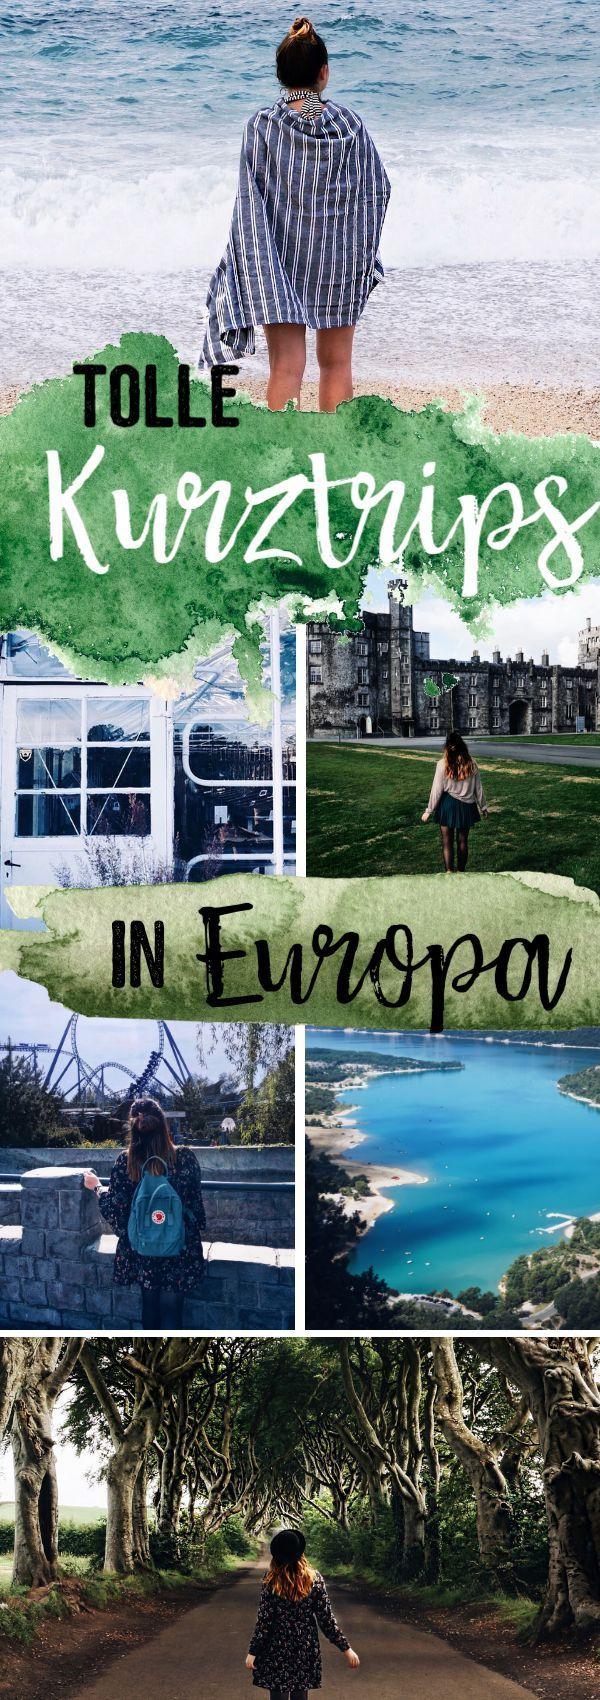 Die schönsten Kurztrips in Europa - Stadt, Natur & Action — Hochseiltraum #naturalism